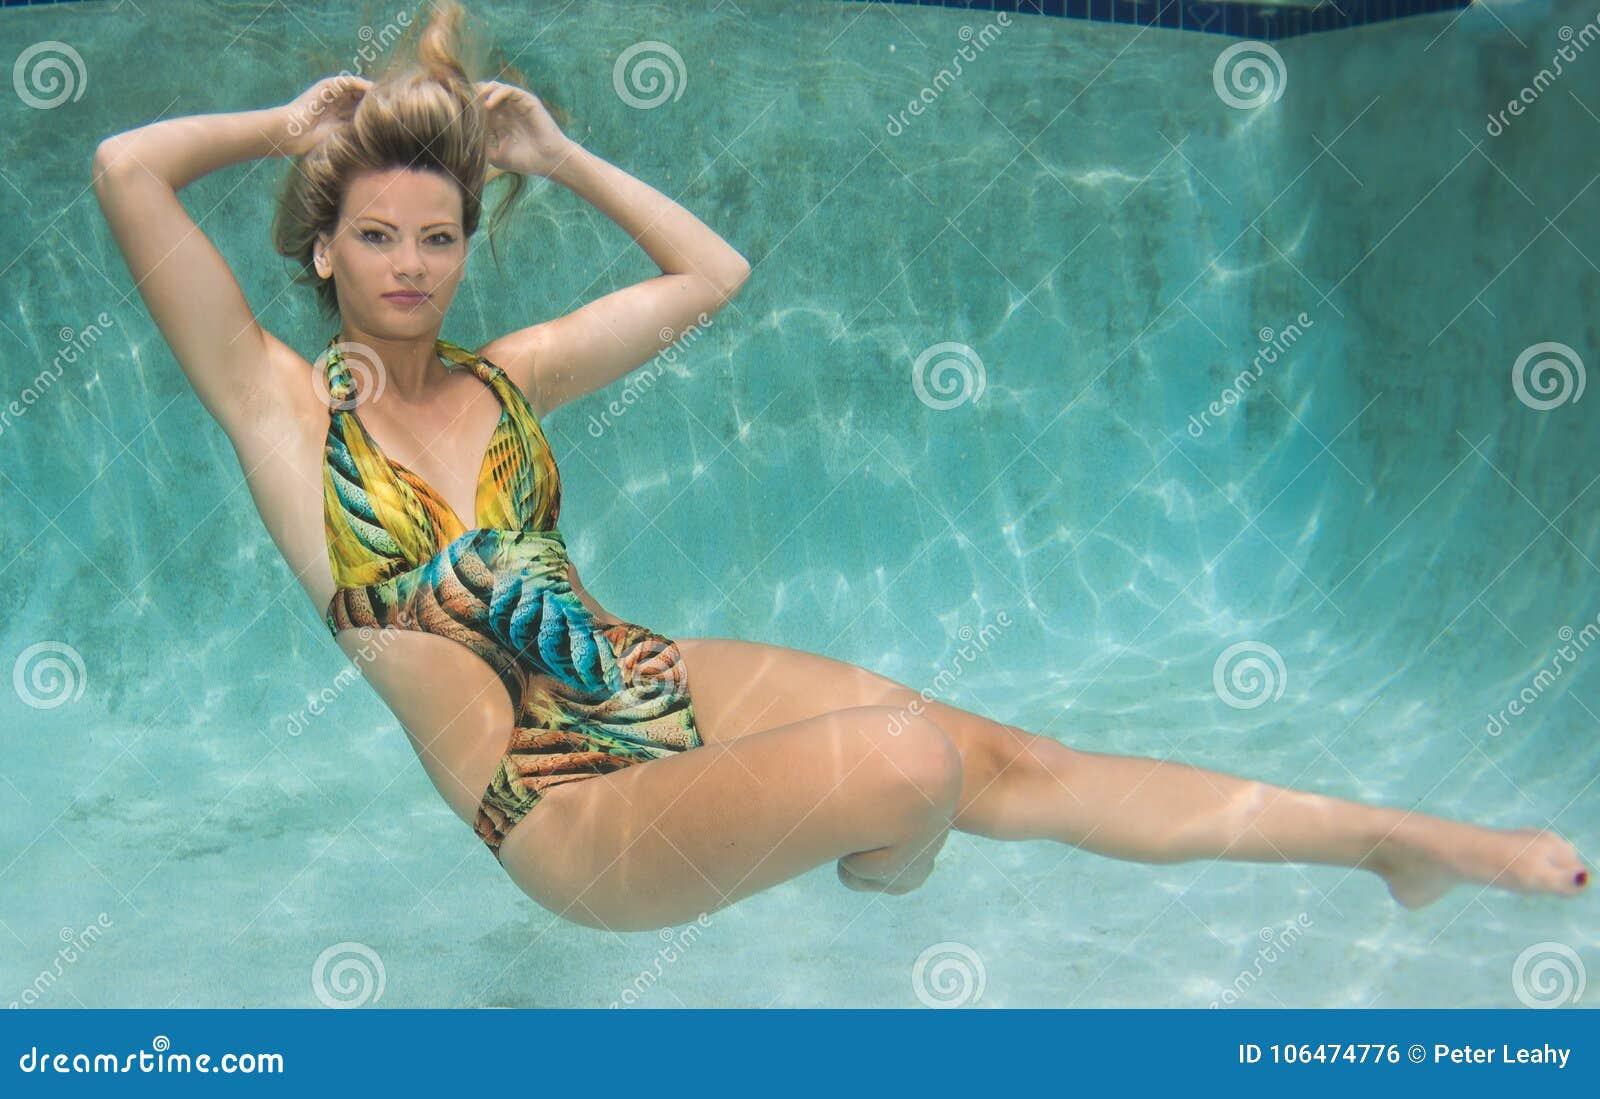 Costume Da Bagno Sirena : Poco bella ragazza vestita in costume da bagno come una sirena si